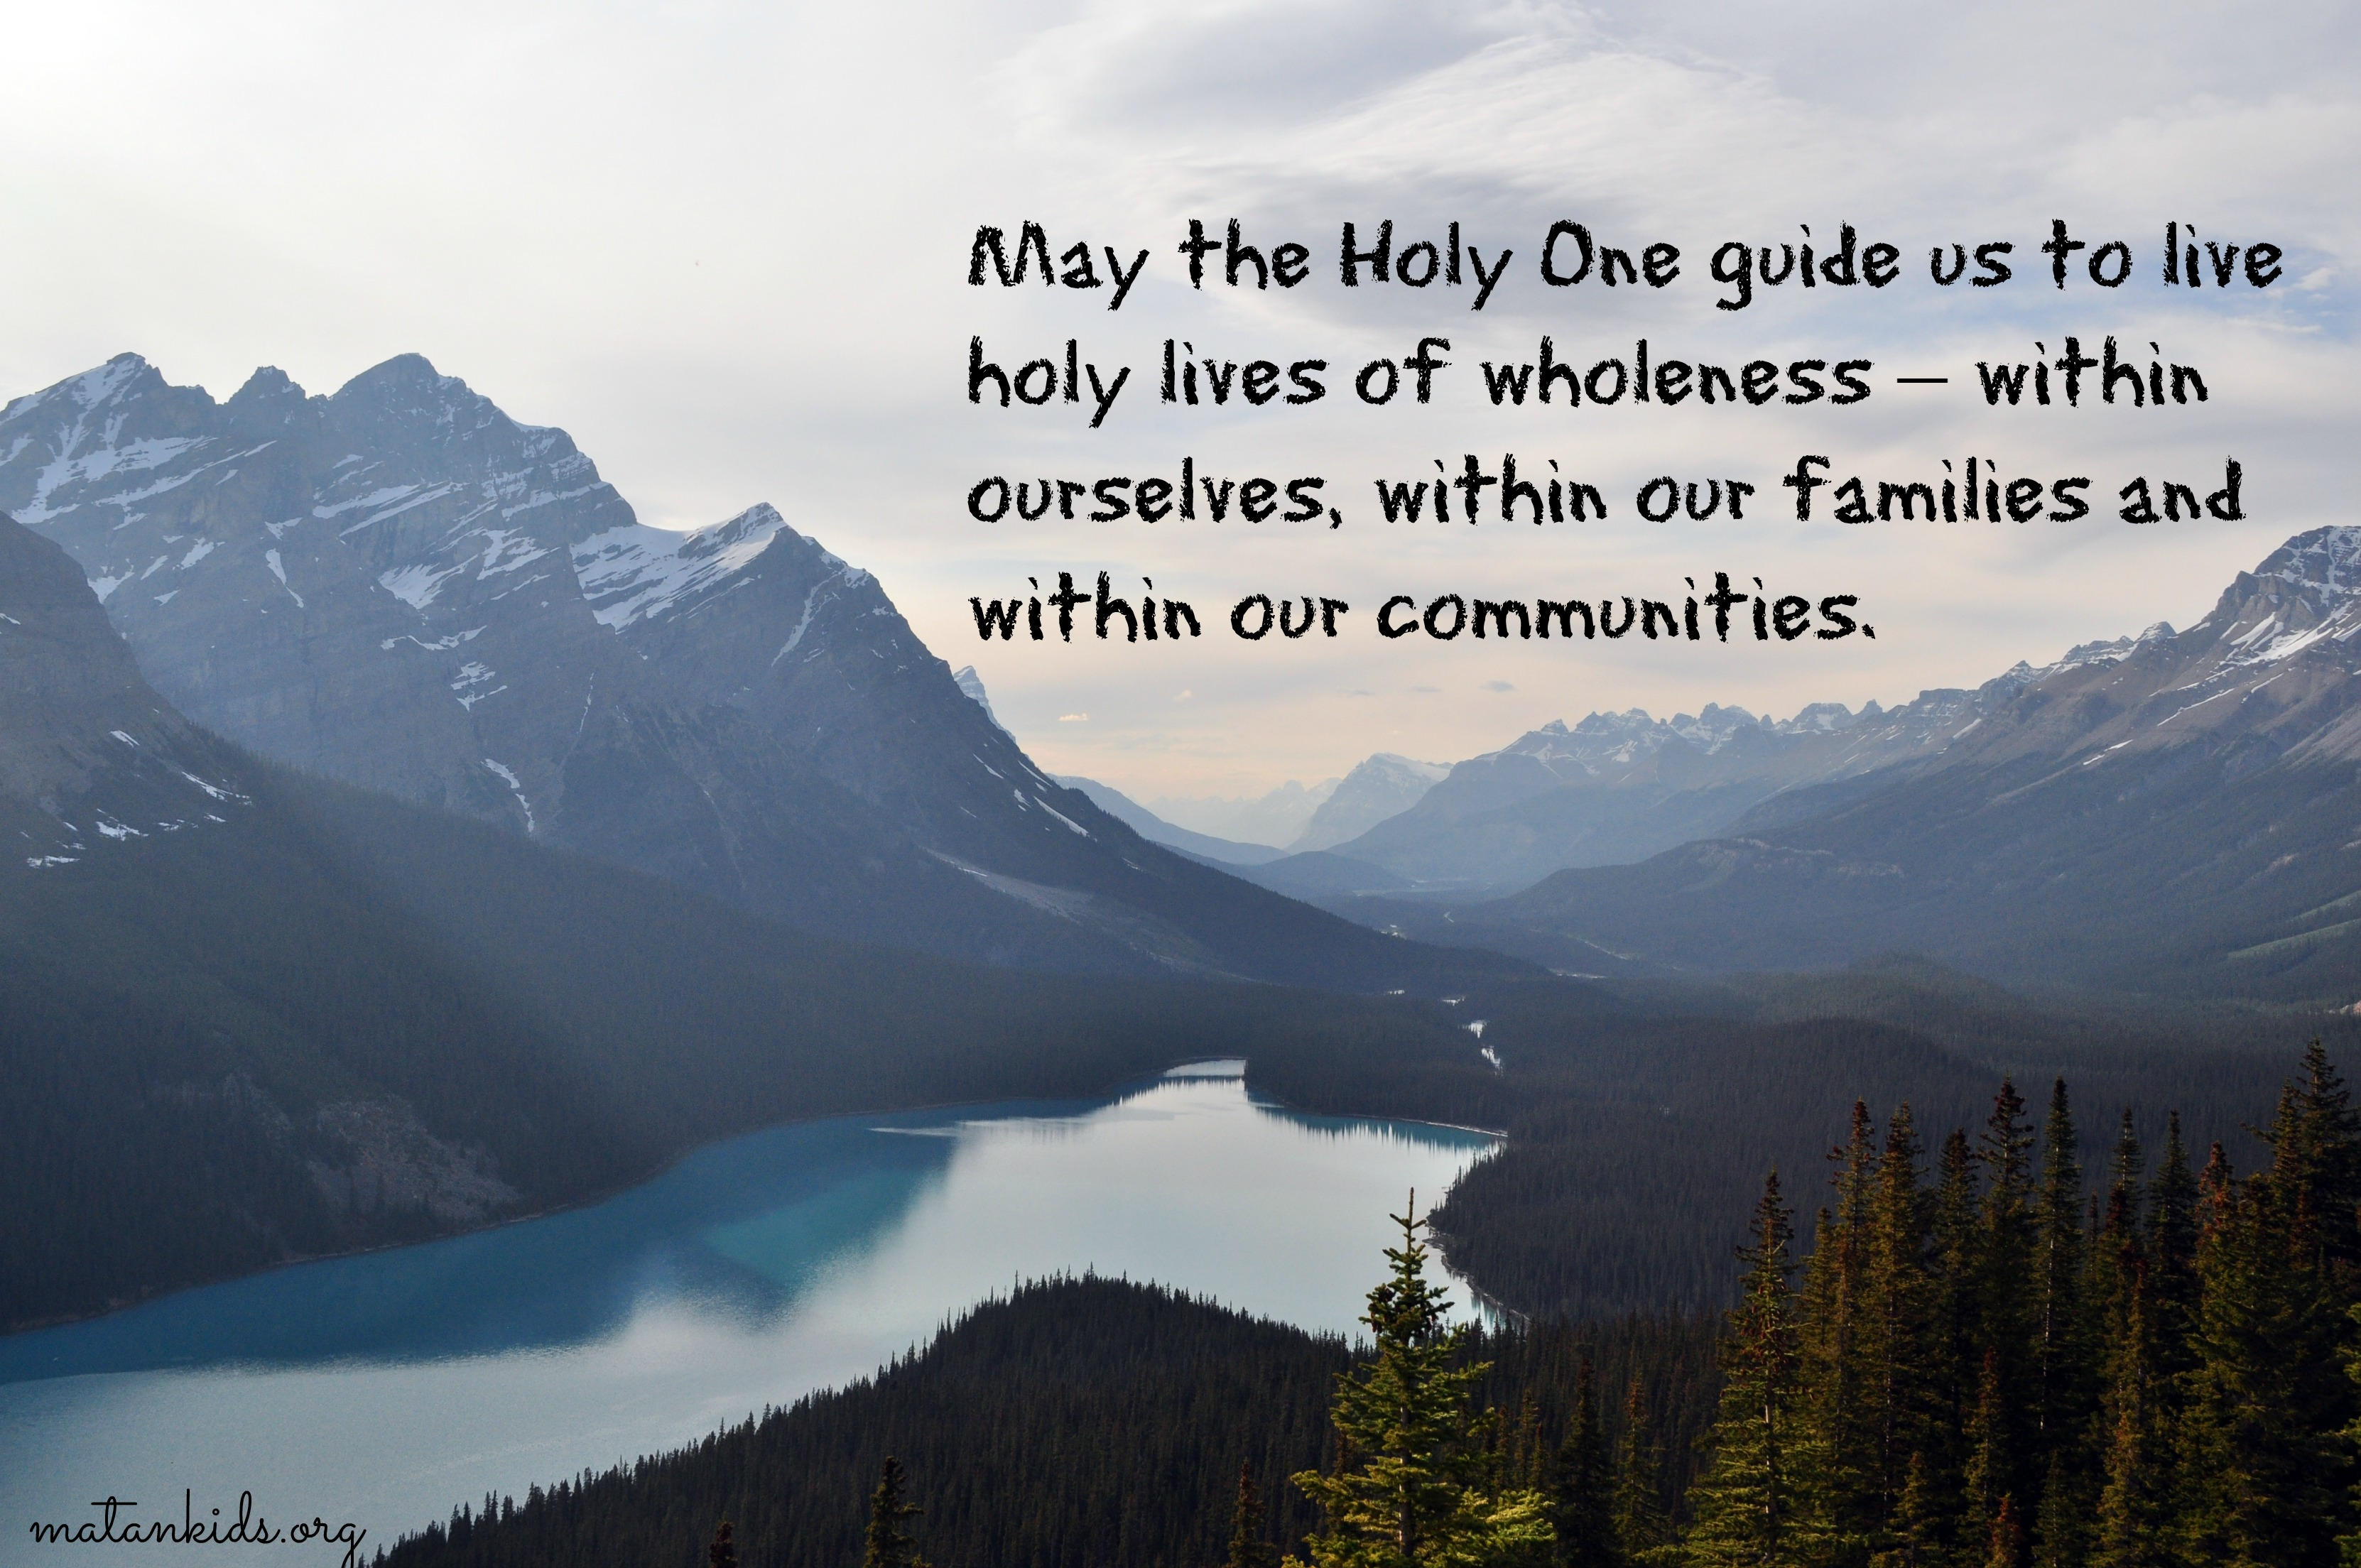 May the Holy One... Matan